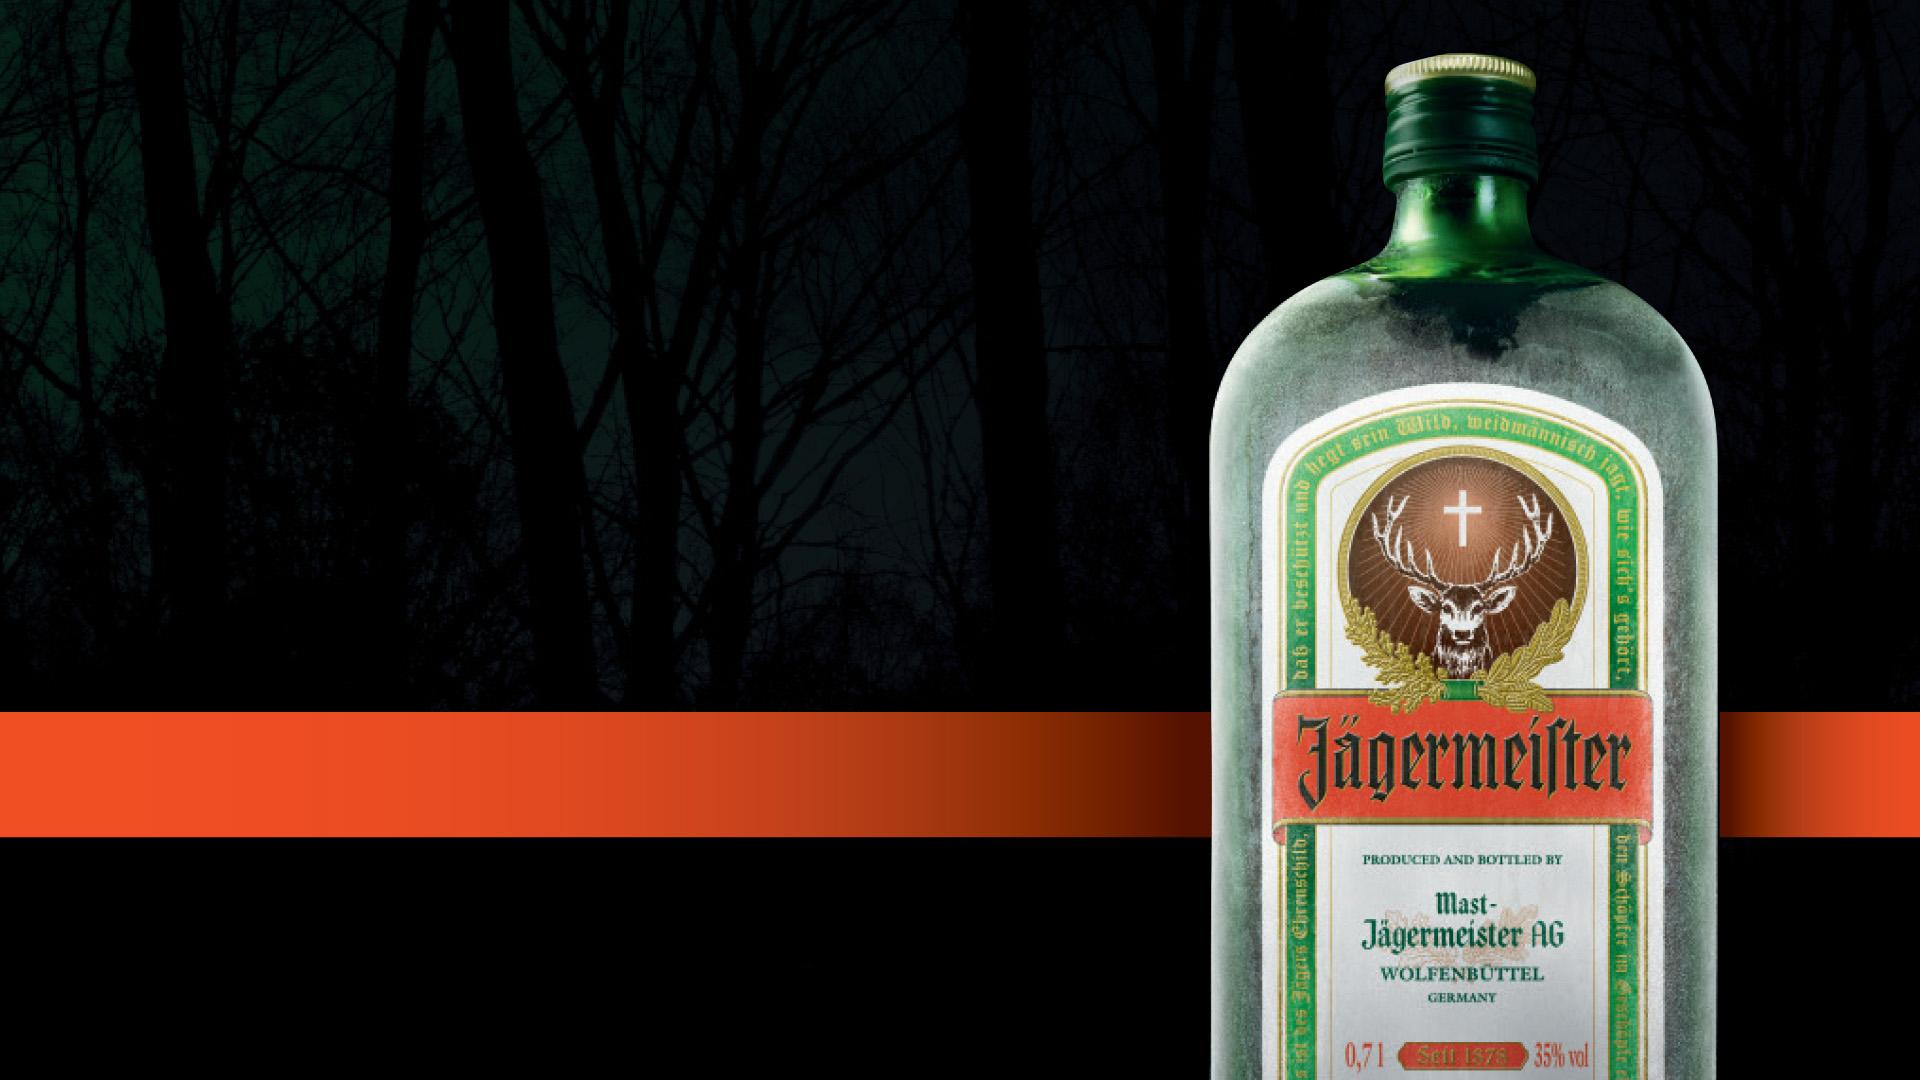 Eisgekühlte Jägermeiste Flasche mit schwarzem Hintergrund und orangefarbener Banderole im Brand Design von Realgestalt